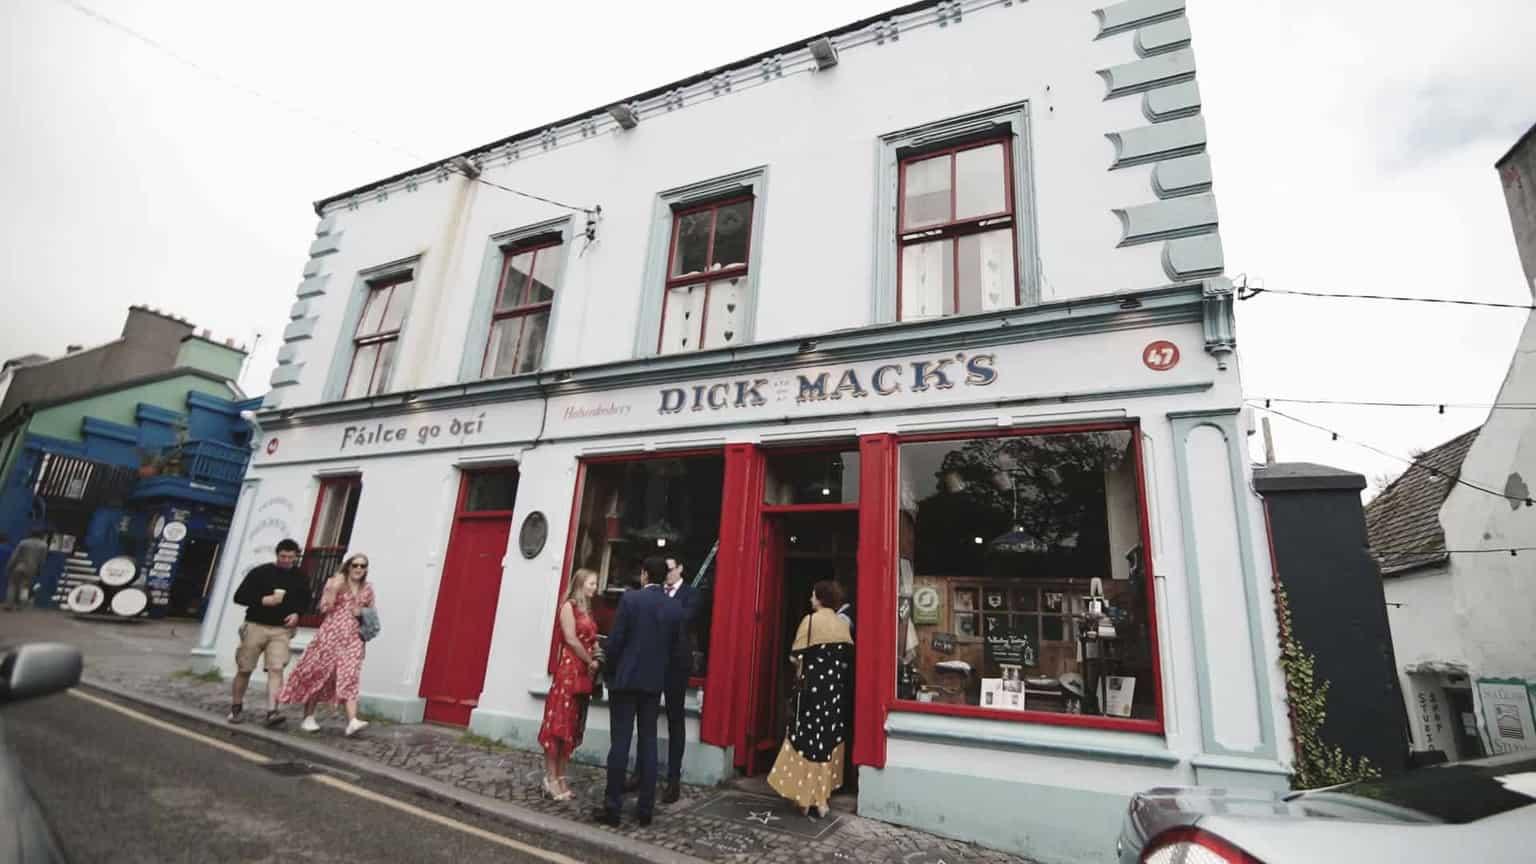 Dick Macks pub in dingle